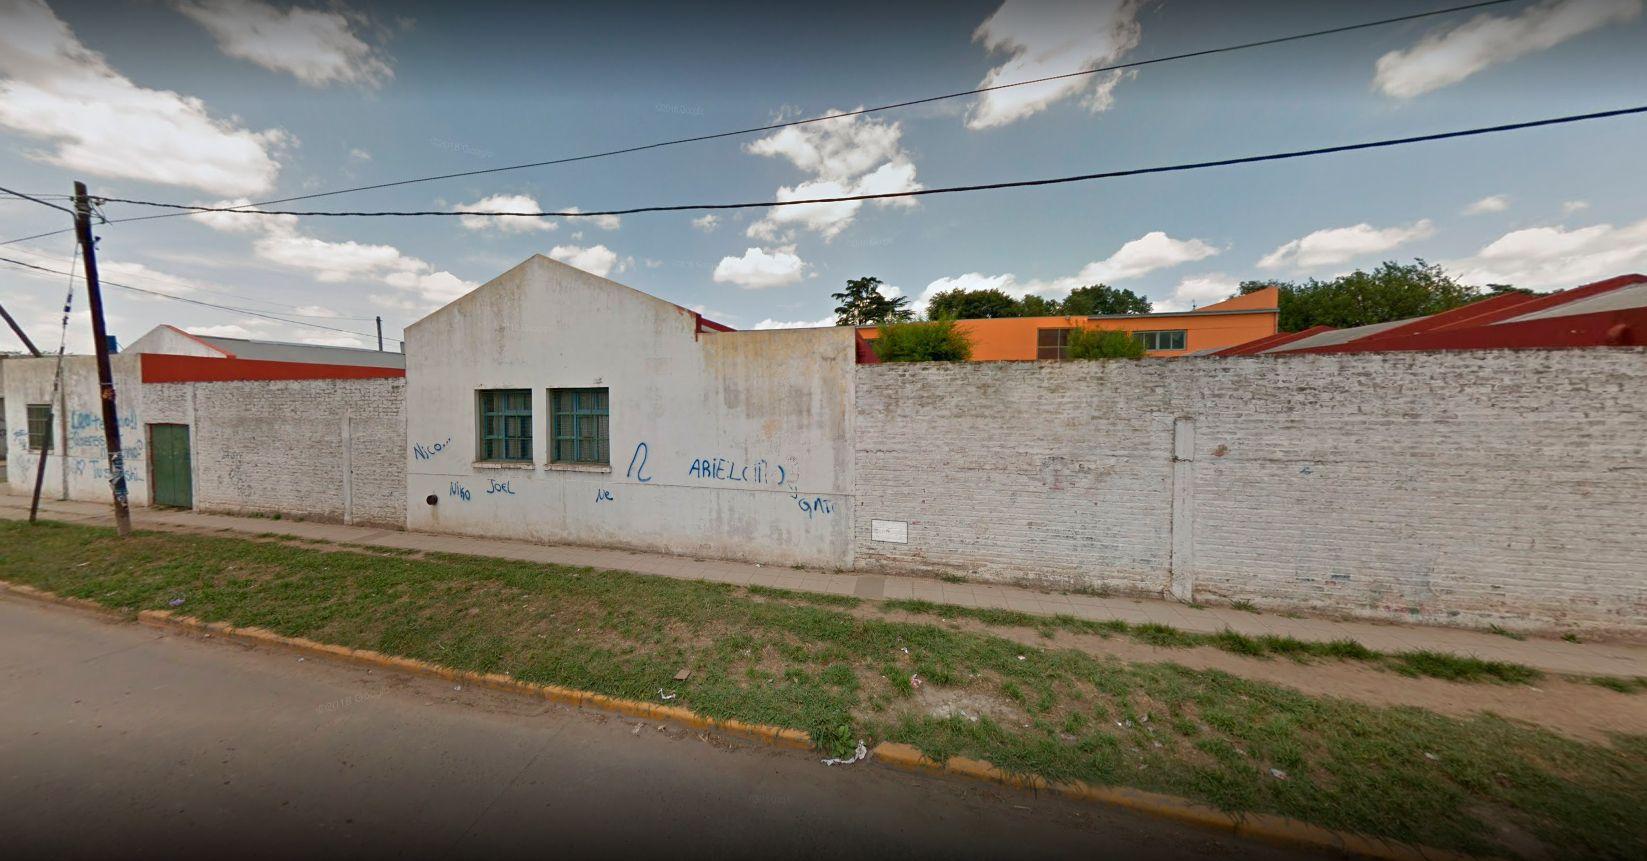 Tragedia en un colegio de Moreno: explotó una garrafa y murieron la directora y un portero